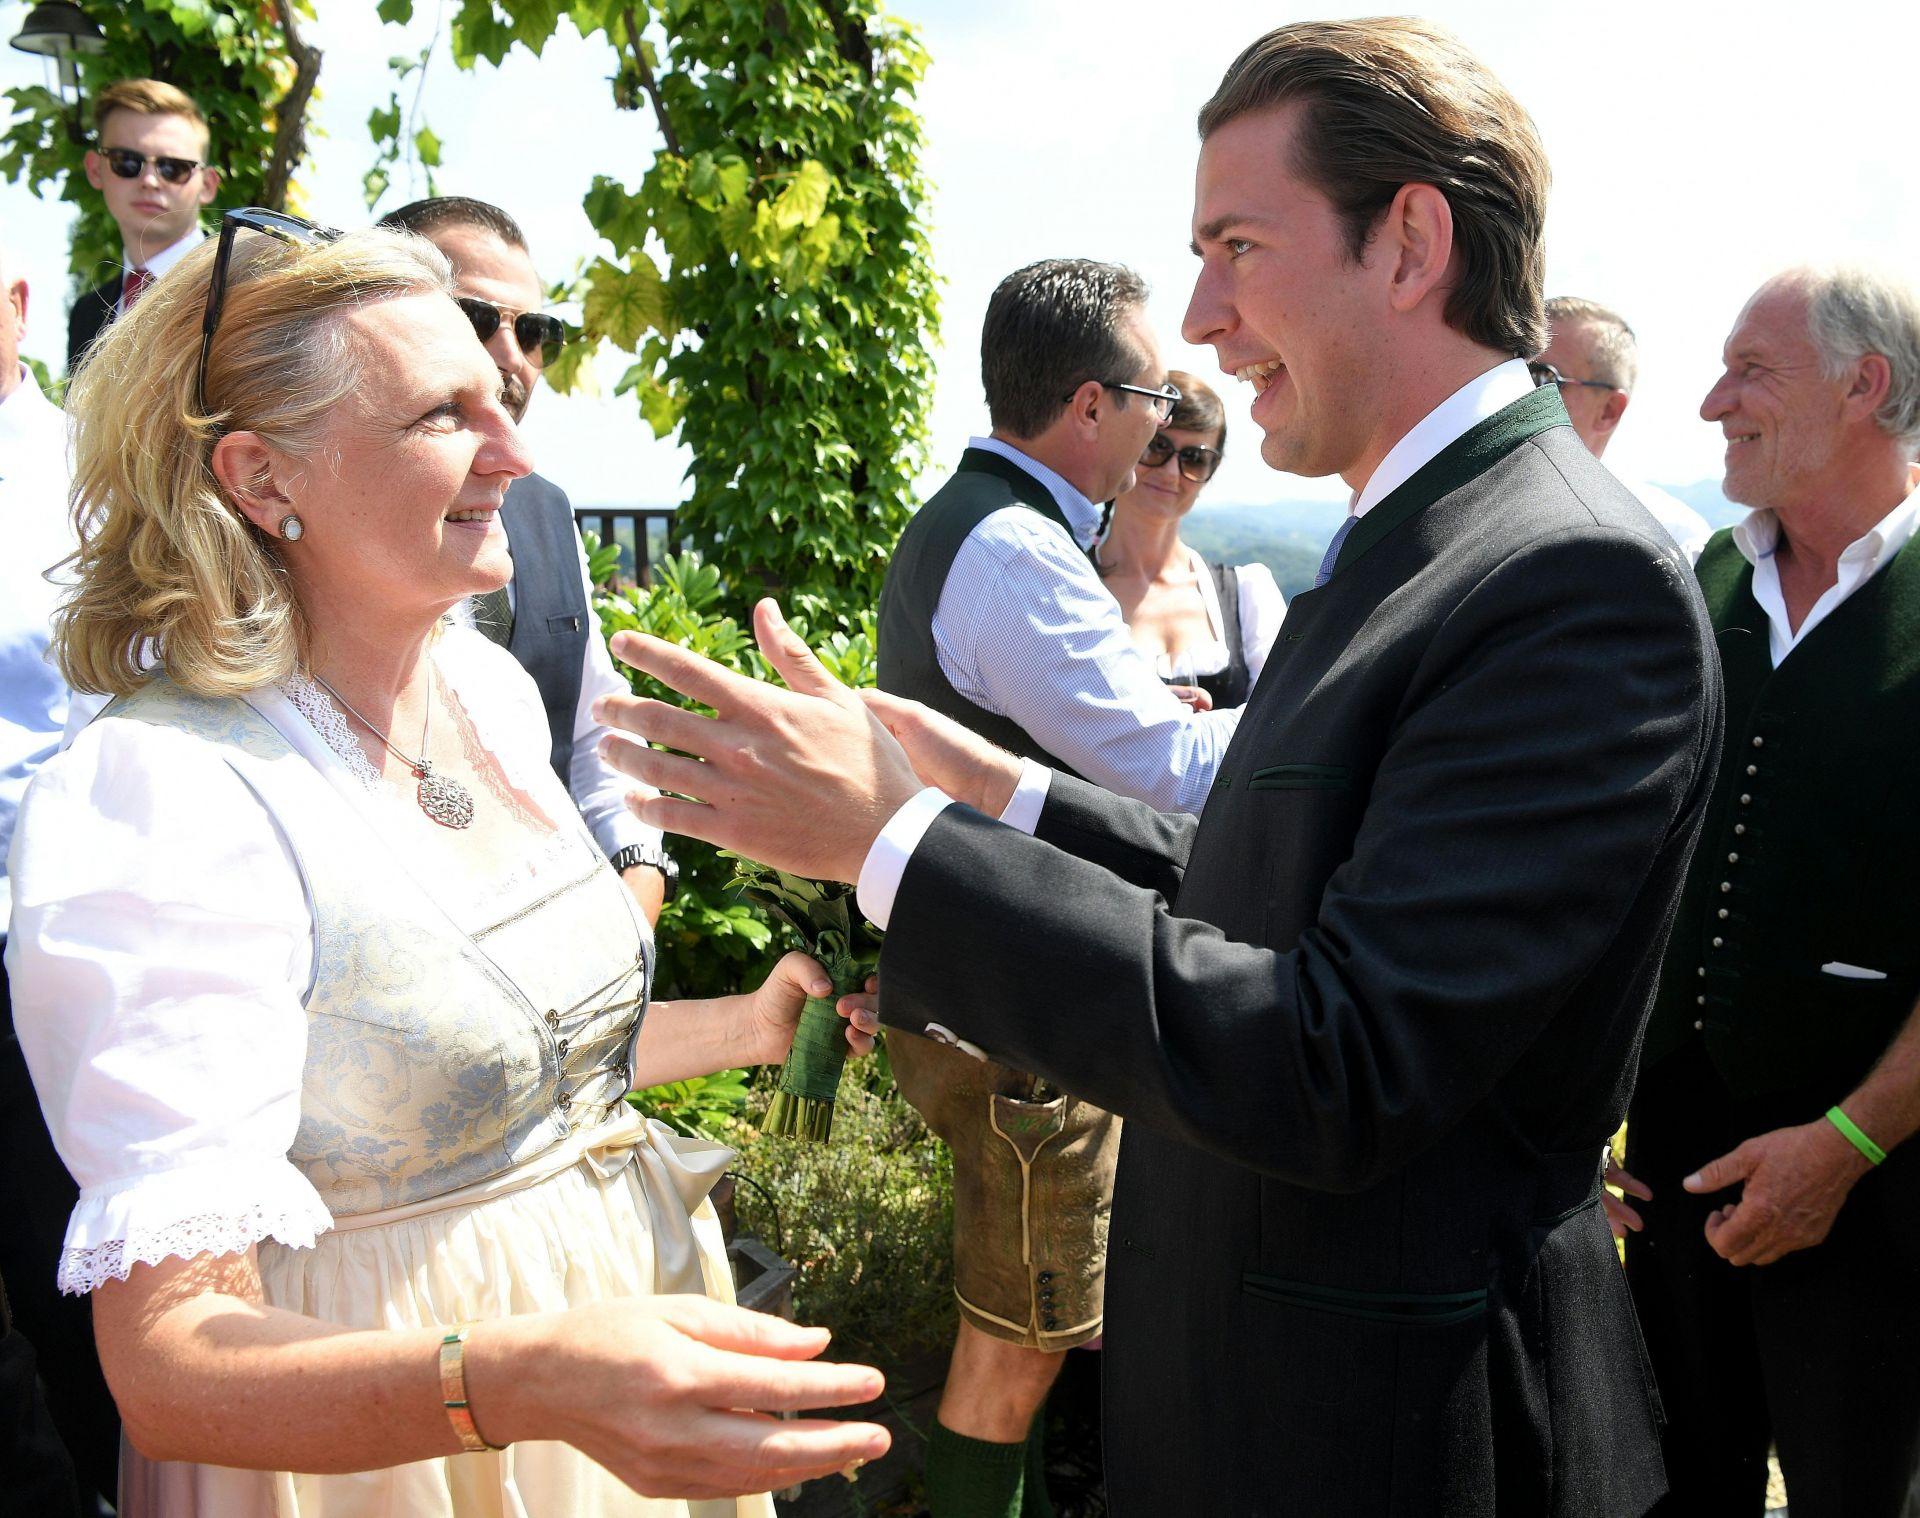 Външната министърка получава поздравления от канцлера Себастиян Курц